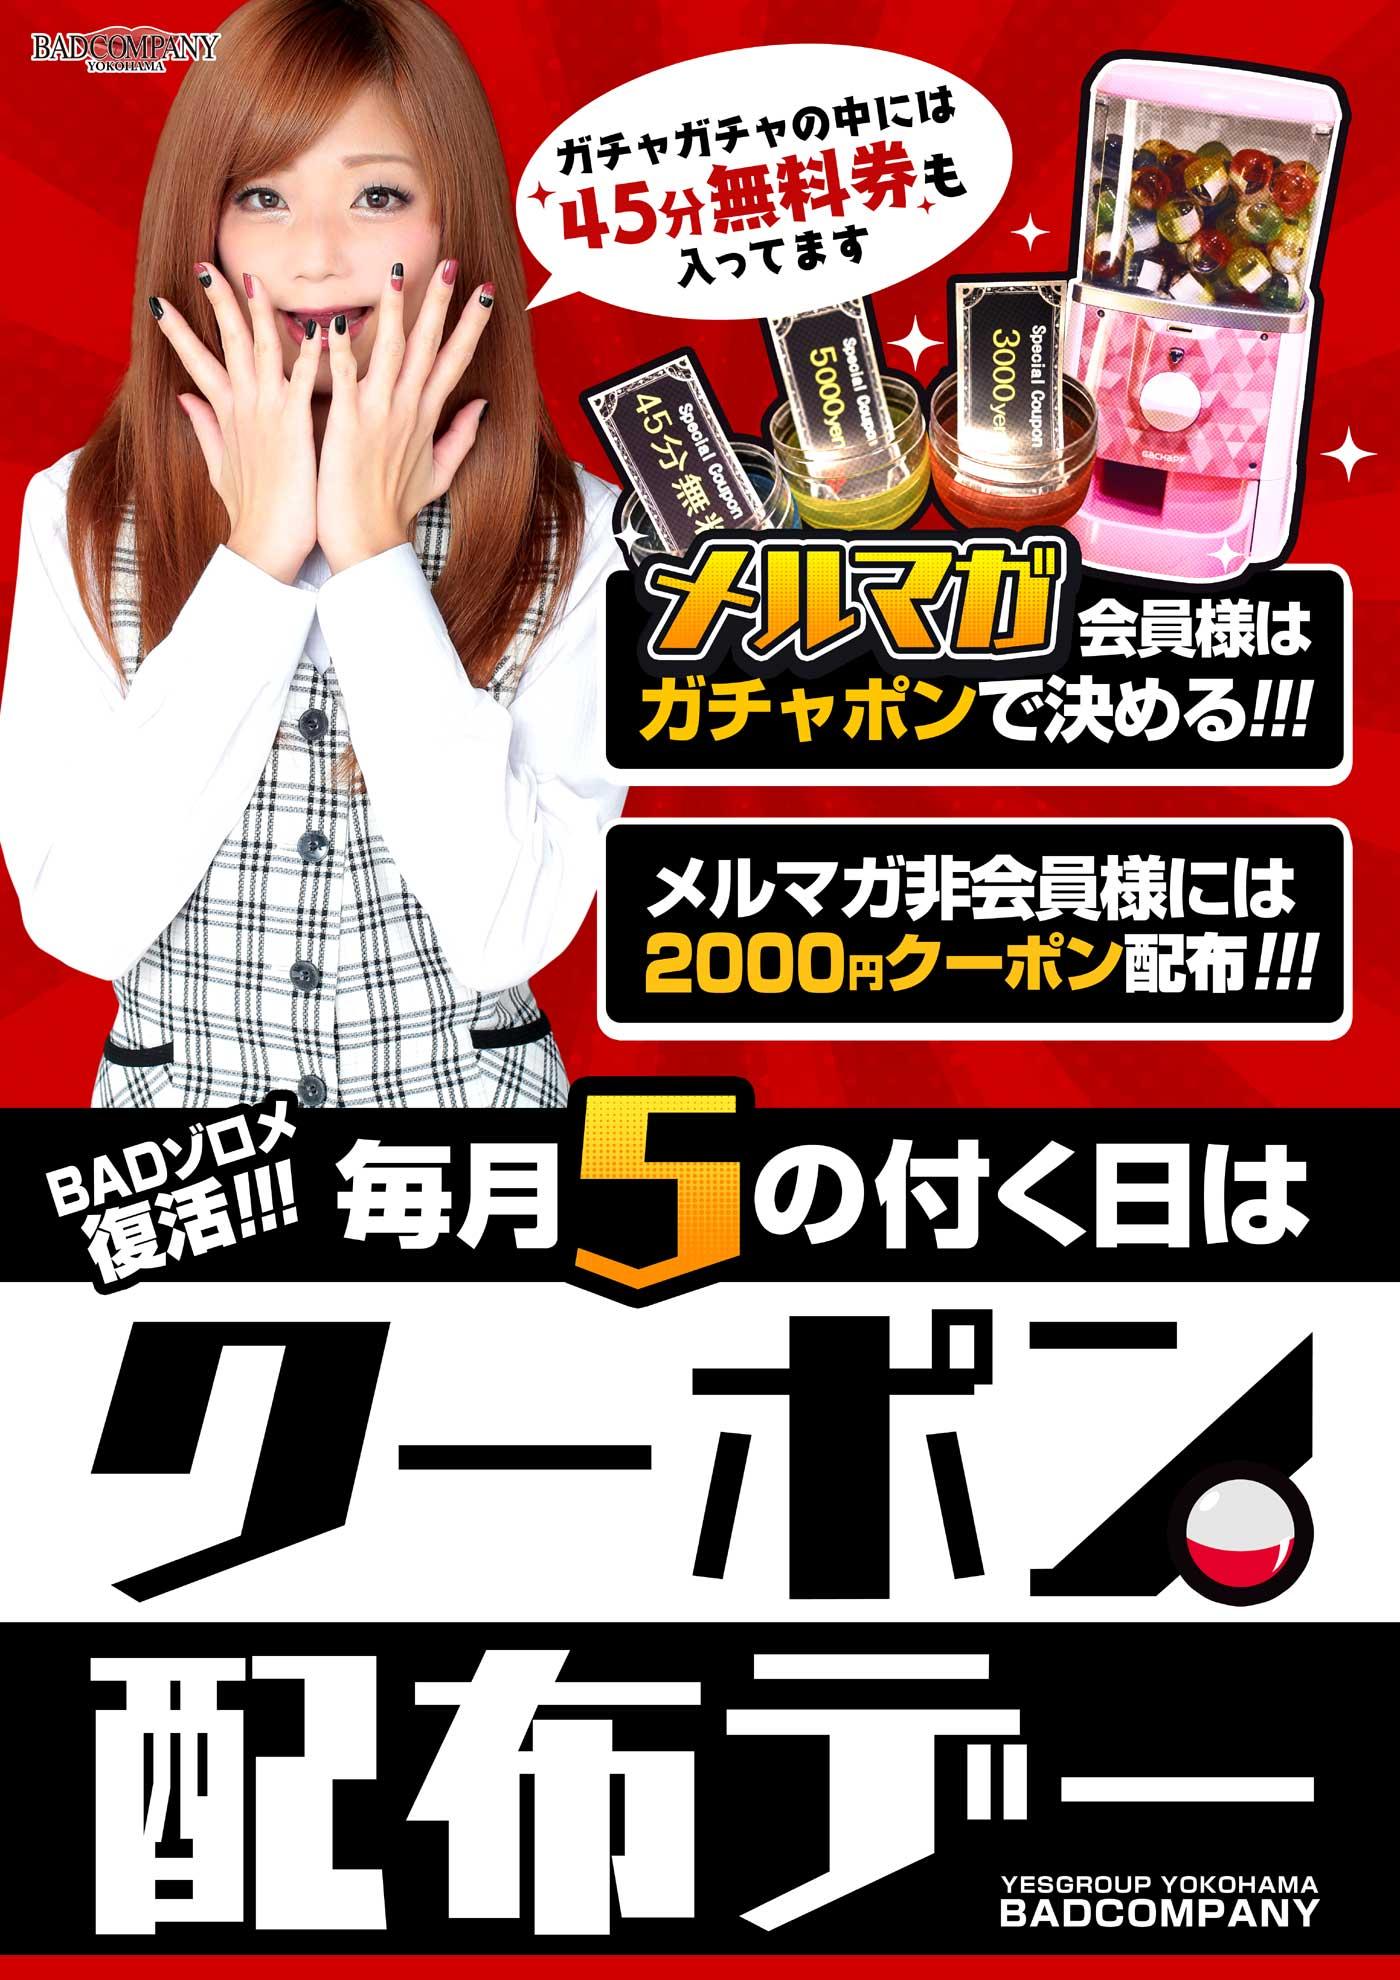 毎月5の付く日は!!!クーポン配布デー!!